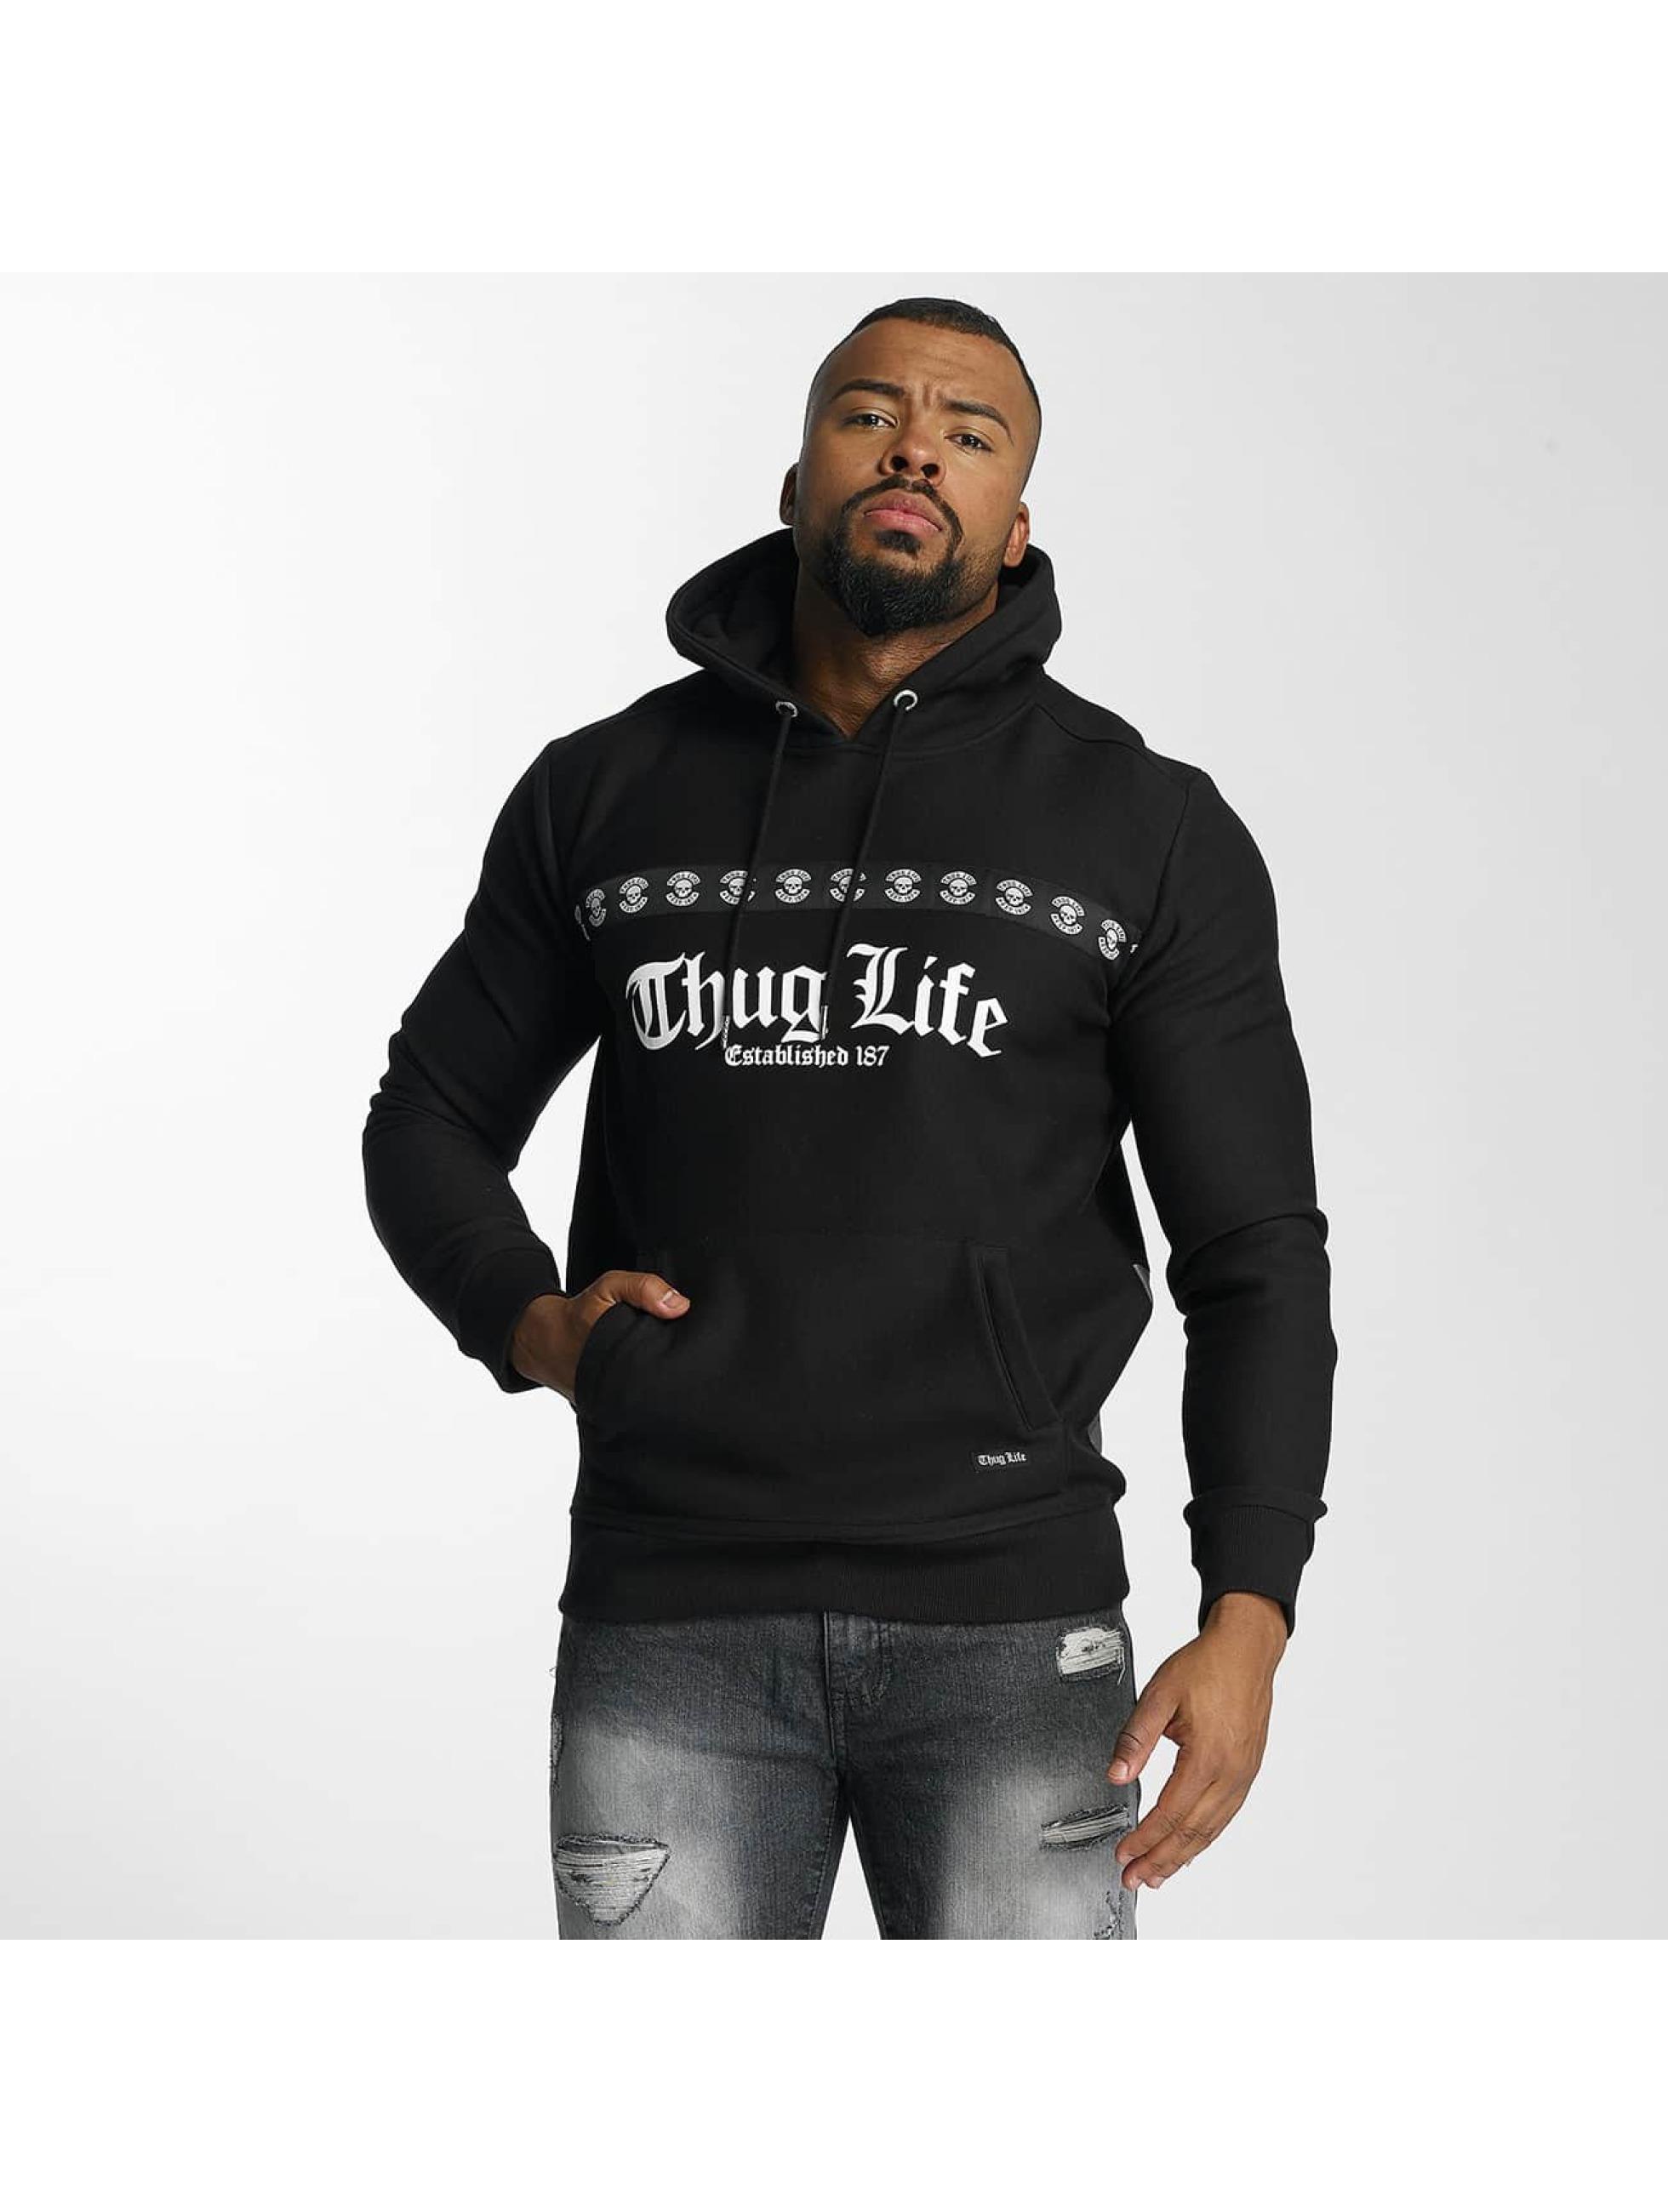 Thug Life / Hoodie Burn in black 2XL